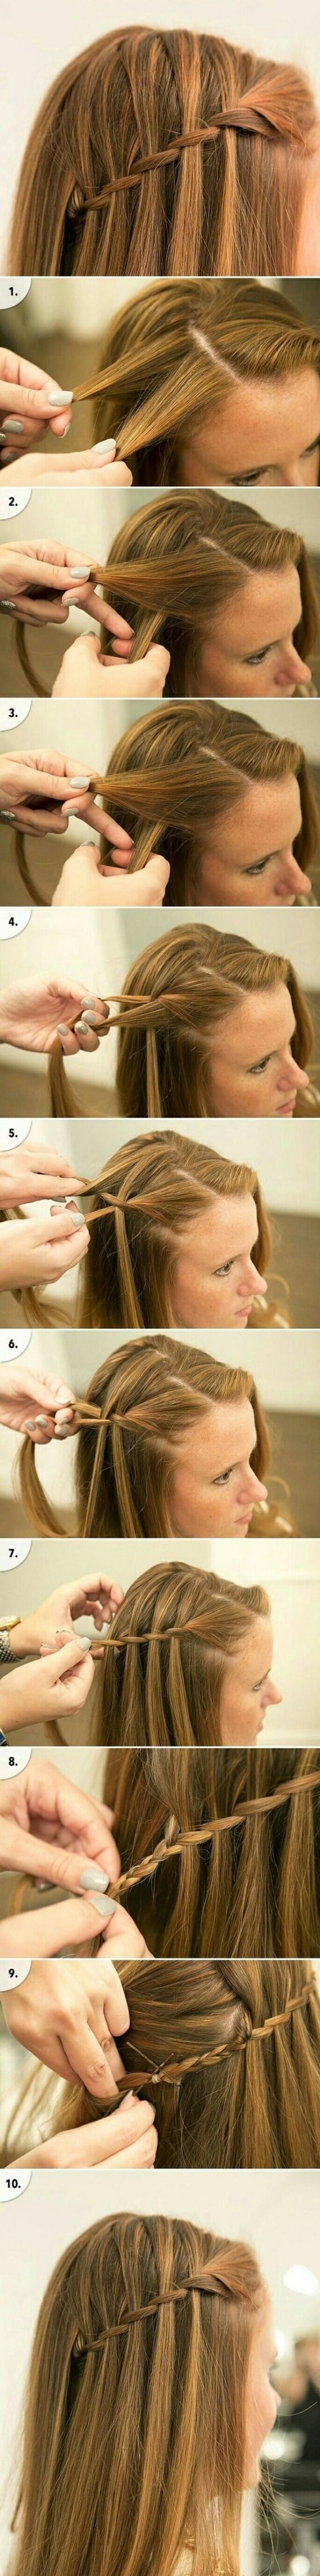 tuto tresse en cascade à faire soi meme, technique tresser des cheveux blond foncé, coiffure pour soirée et de tous les jours